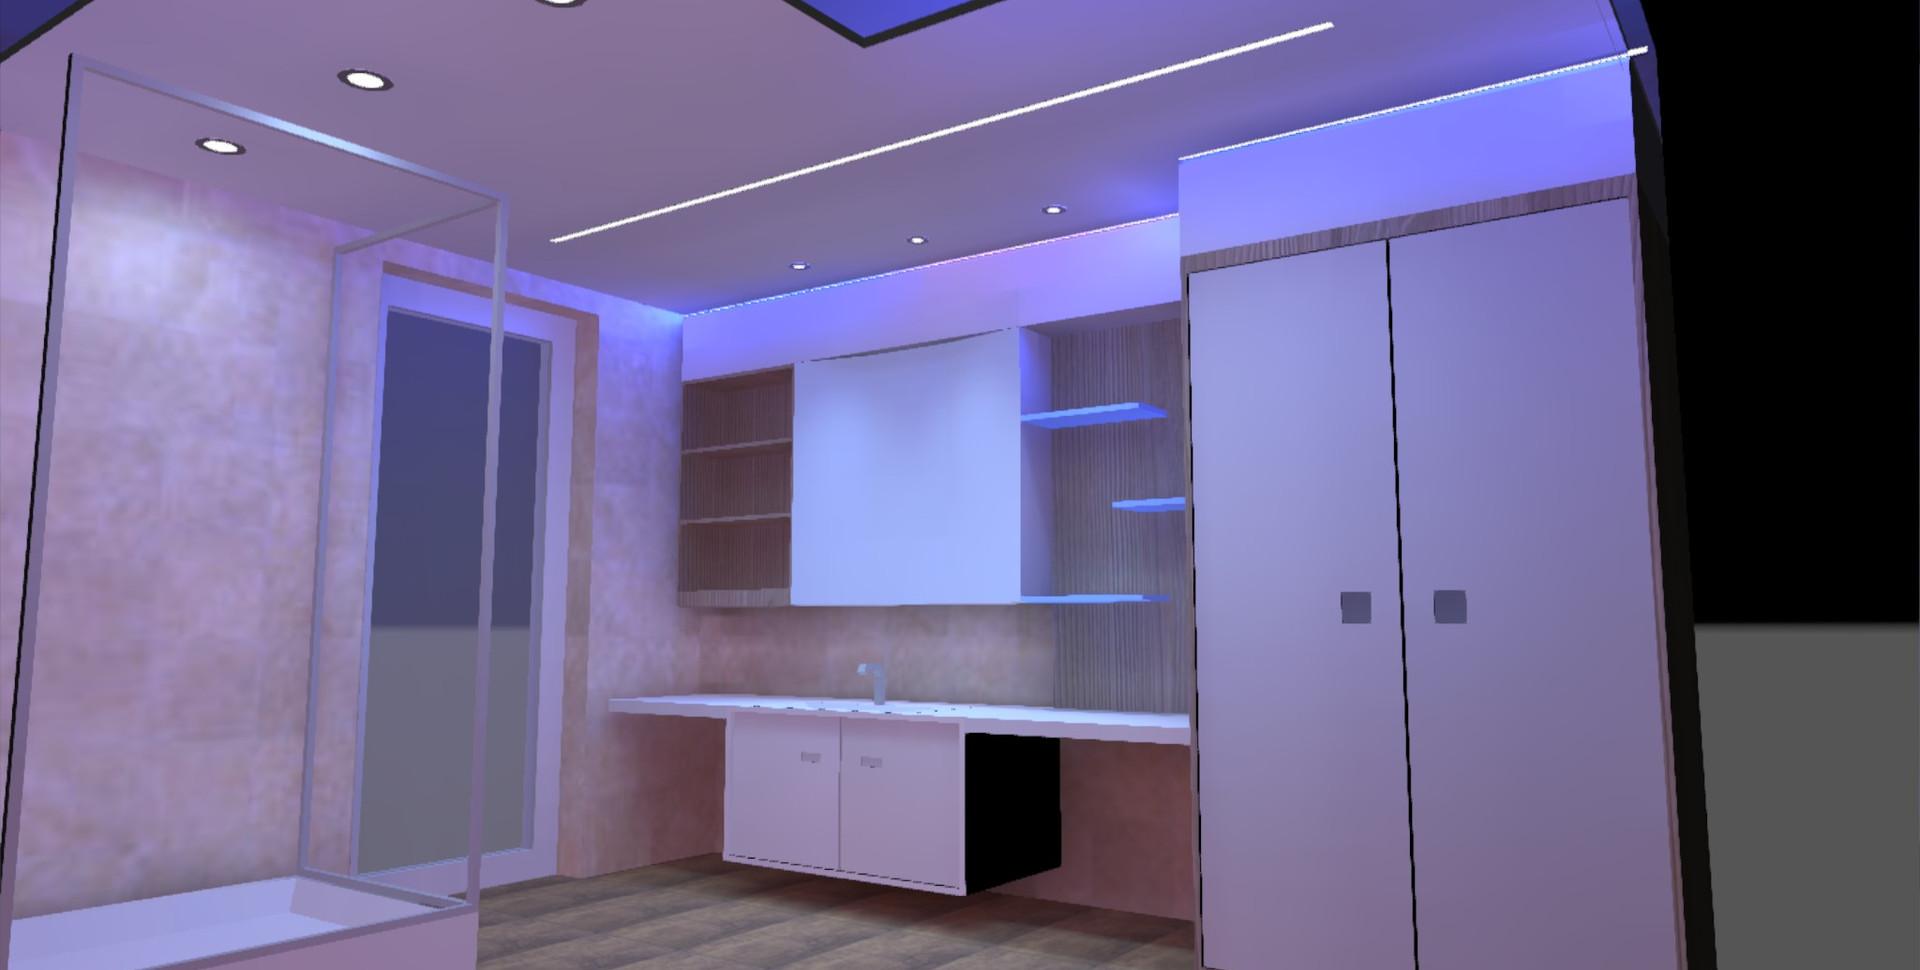 Elektrotechnik Untermoser Lichtplanung